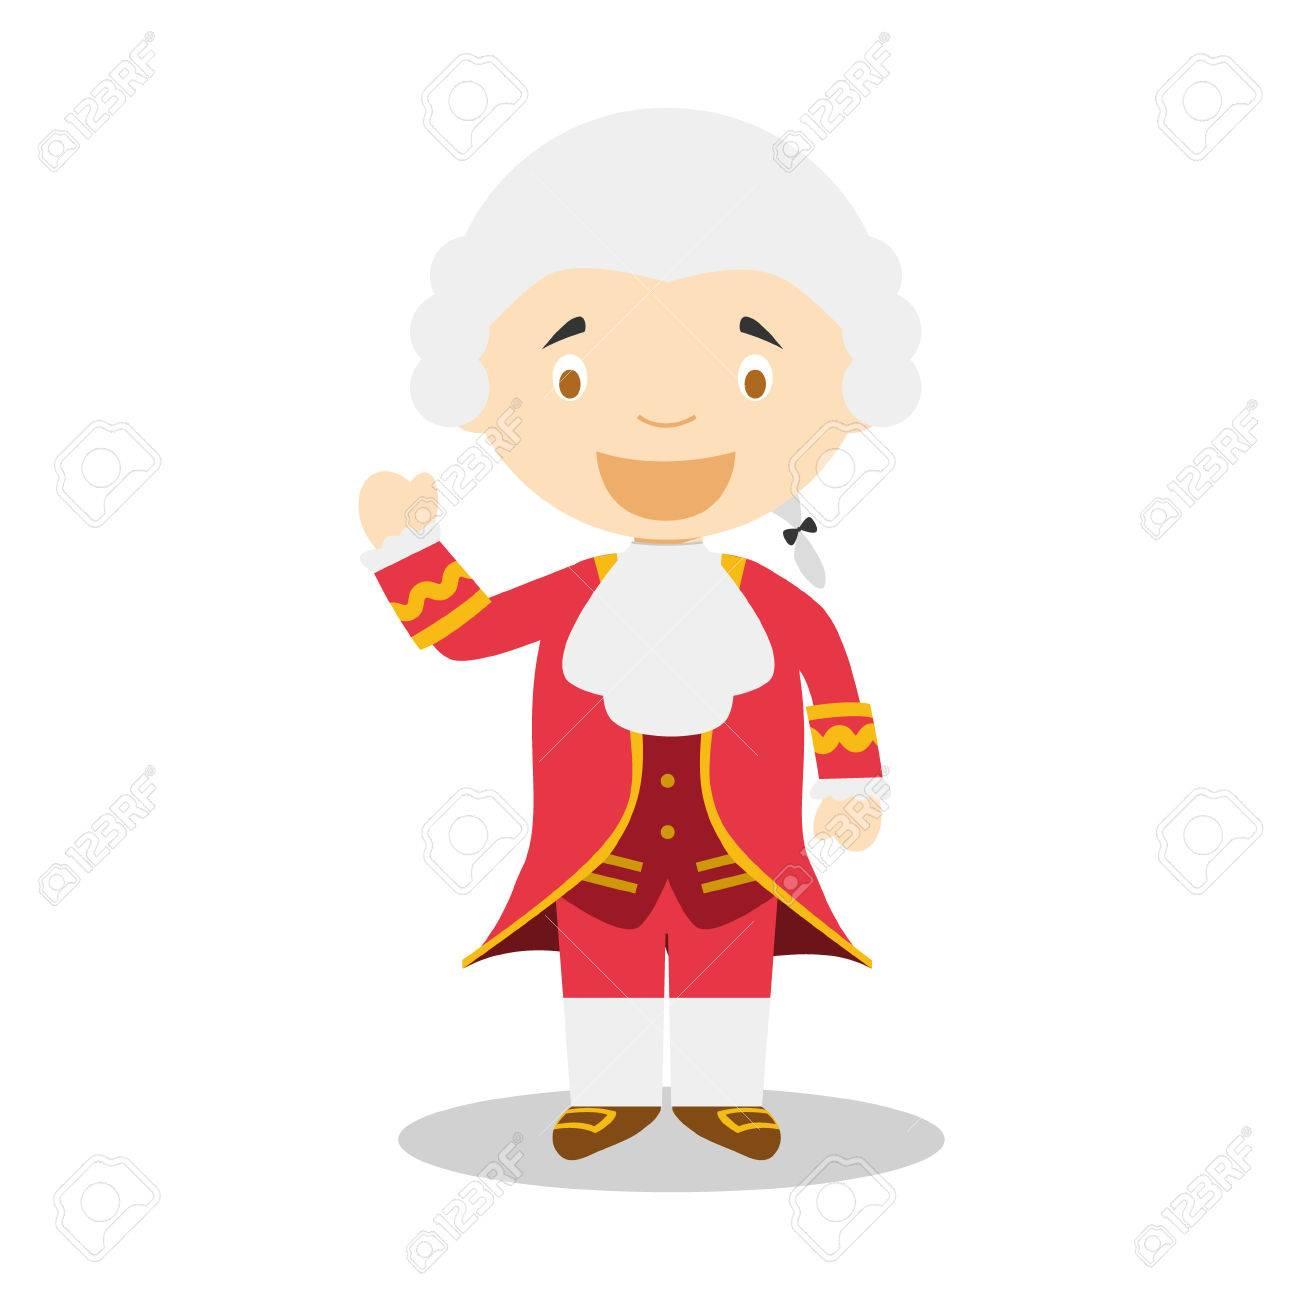 ヴォルフガング アマデウス モーツァルトの漫画のキャラクターの